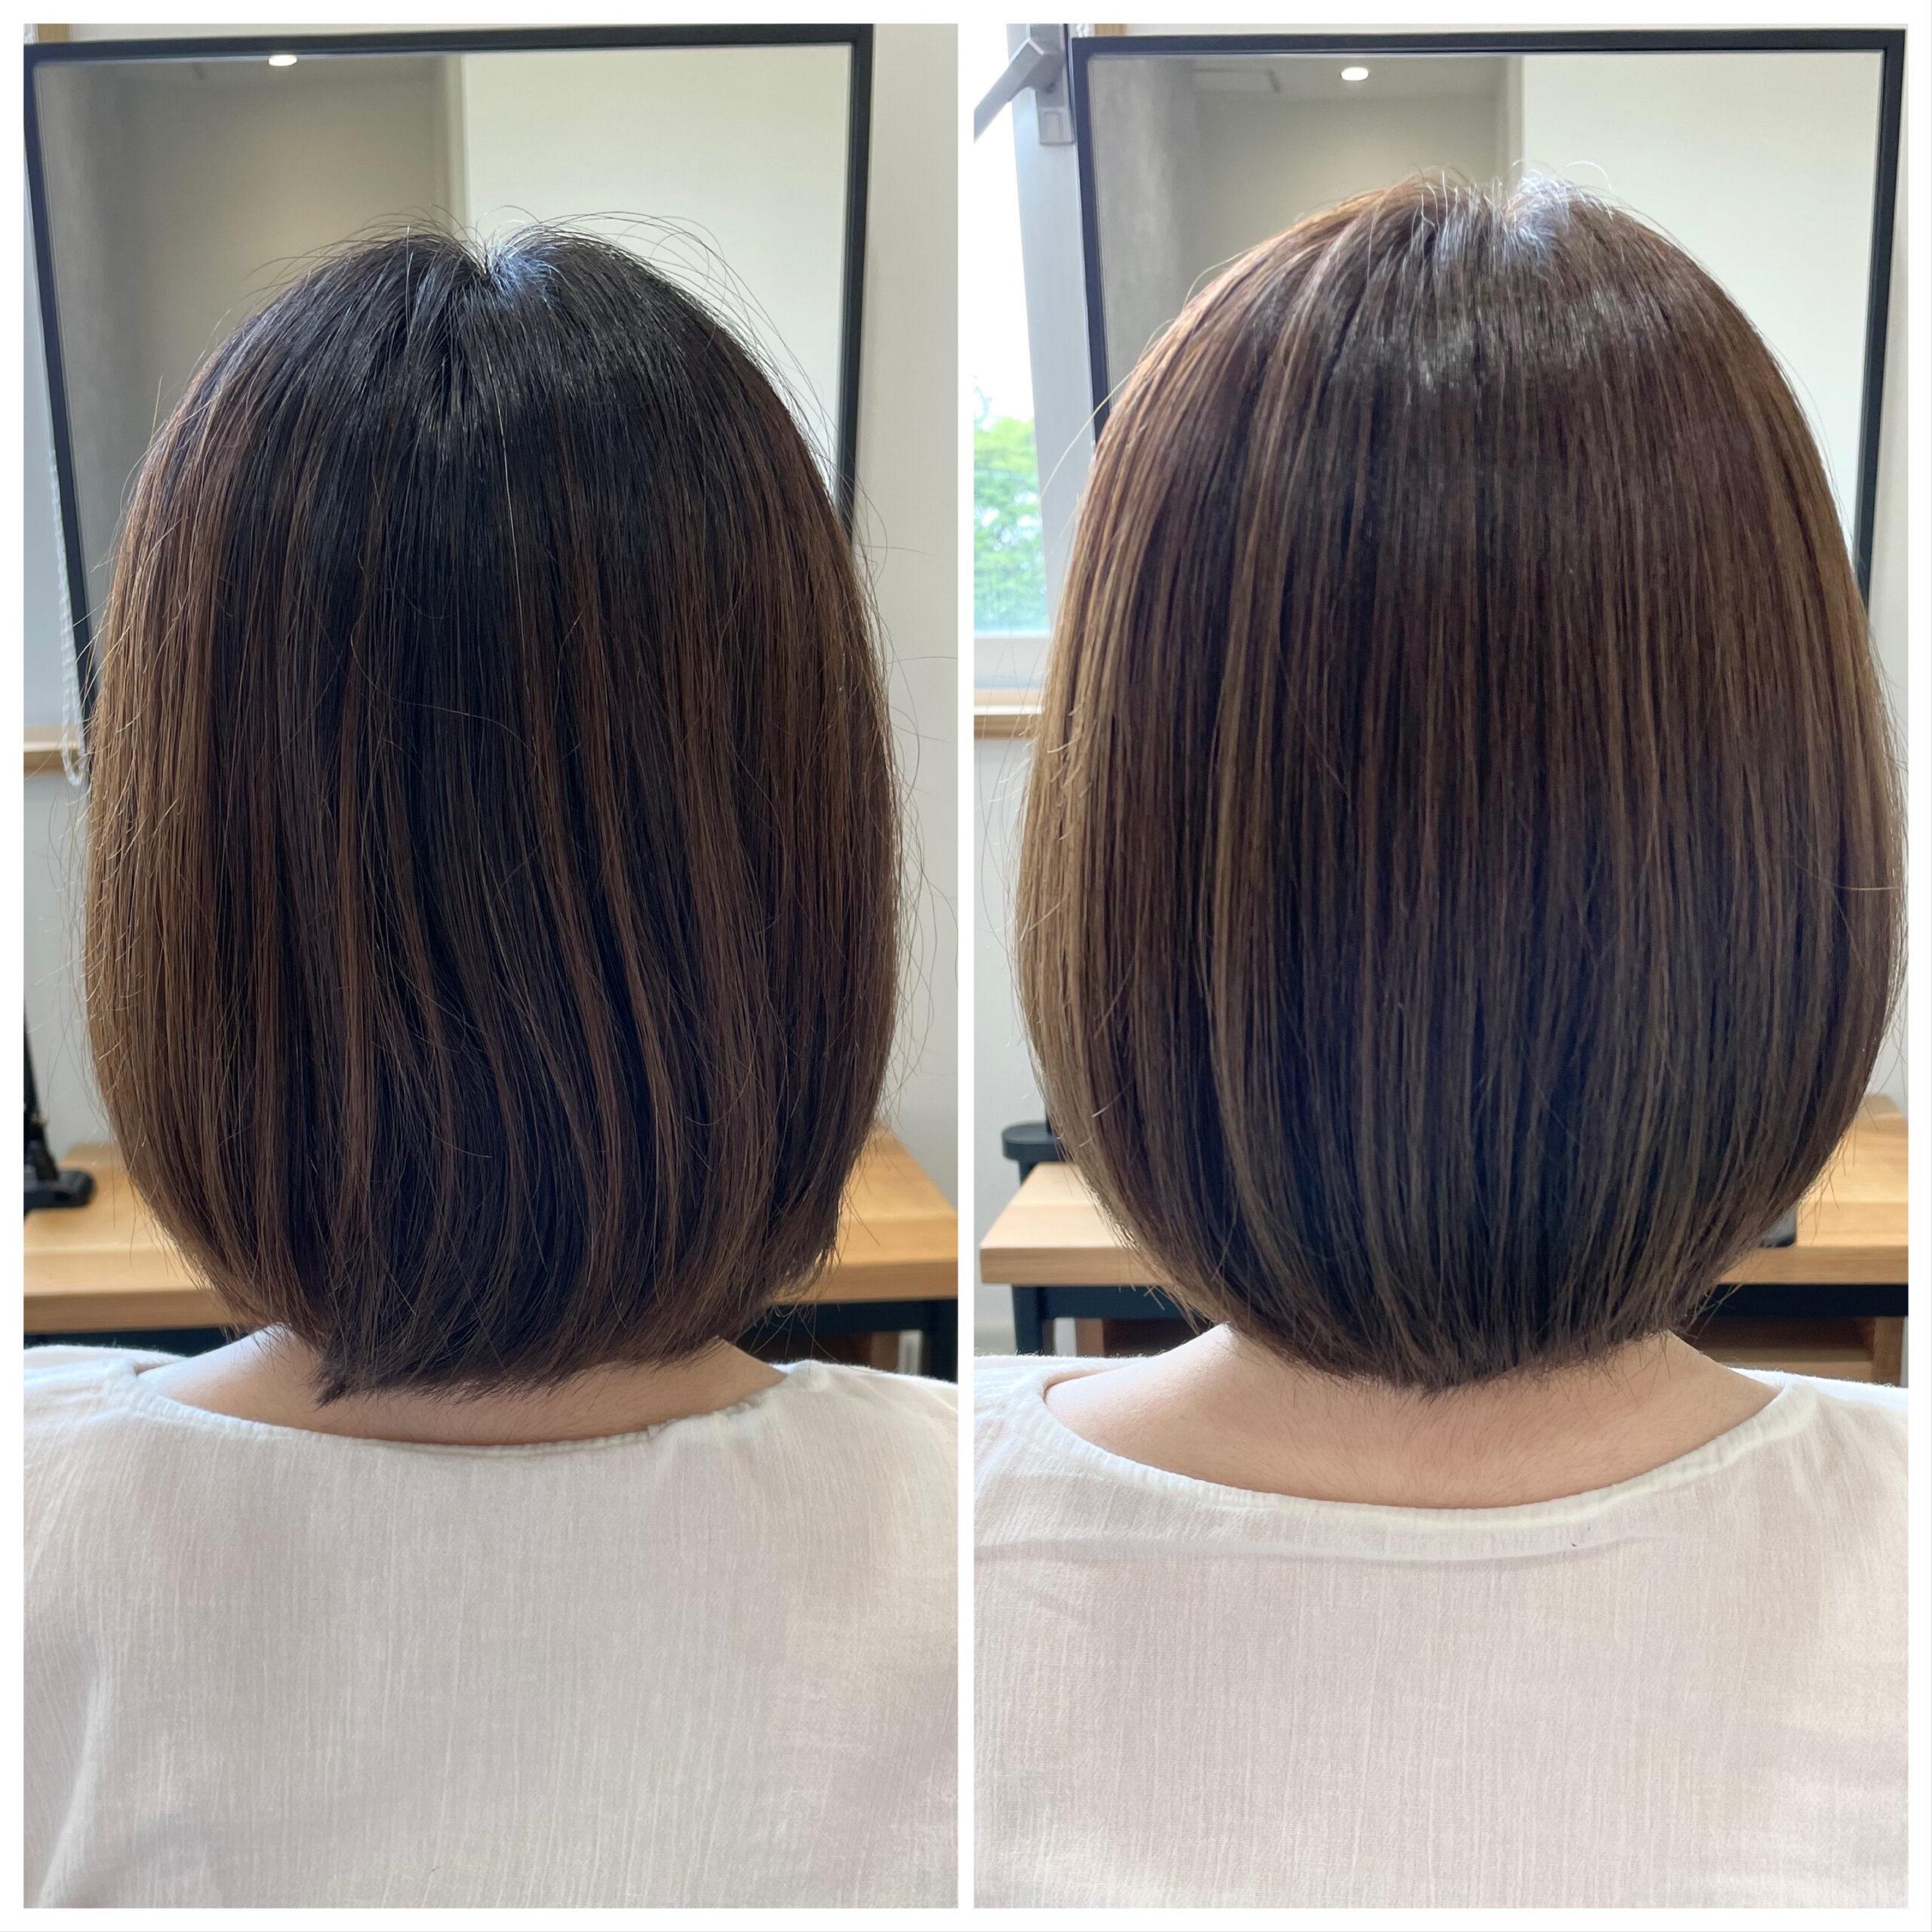 大分県別府市 透明感のある髪質改善艶髪カラー『ベージュ』 ビフォーアフター